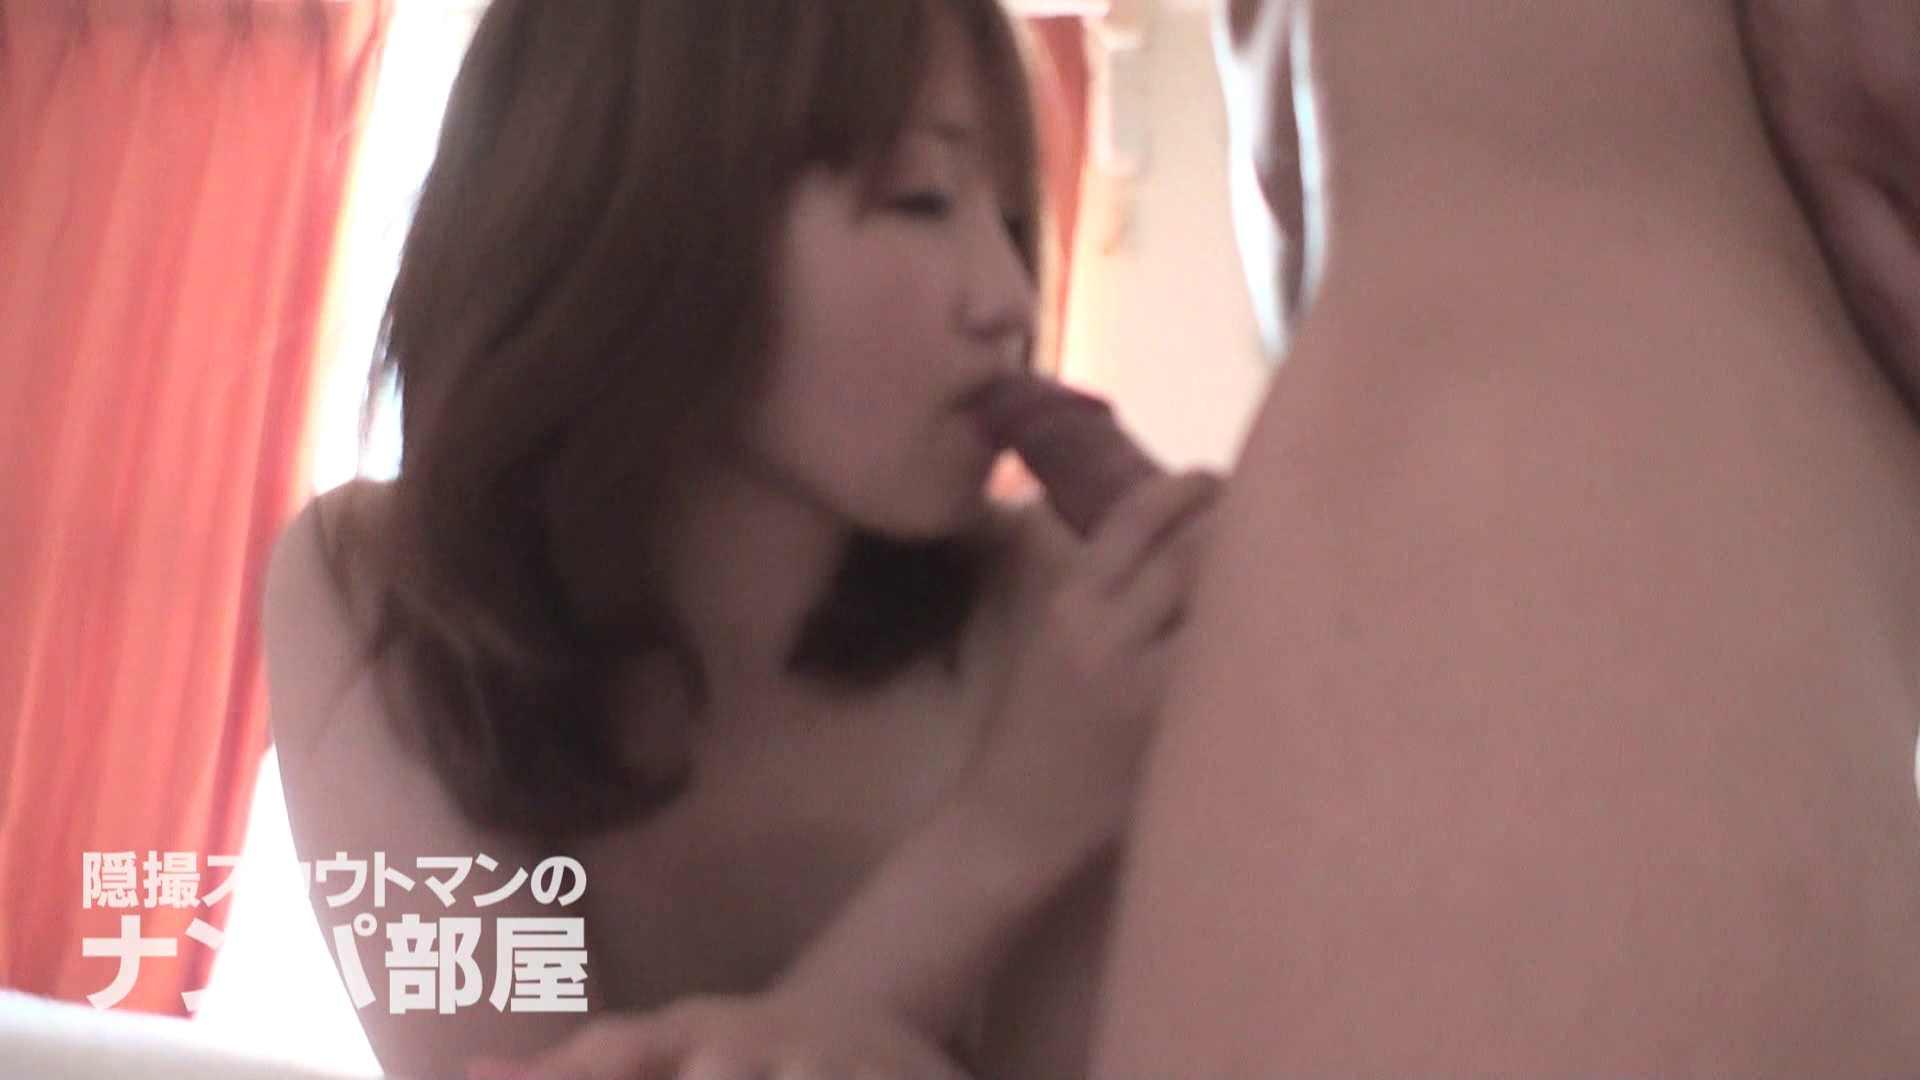 隠撮スカウトマンのナンパ部屋~風俗デビュー前のつまみ食い~ siivol.4 色っぽいOL達 オメコ動画キャプチャ 74pic 47